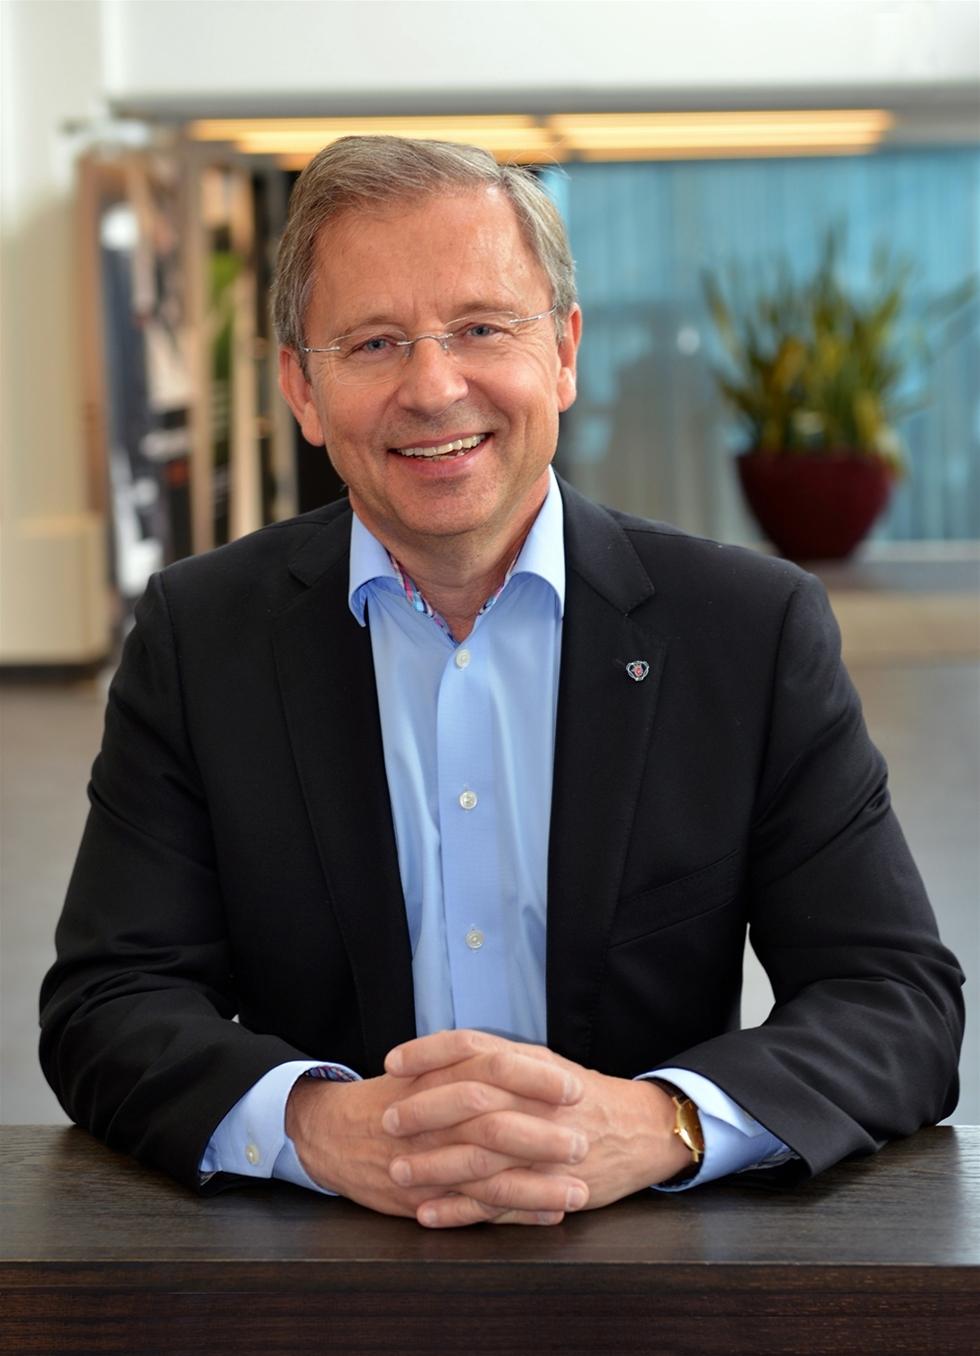 Robert Sobocki har utsetts till VD för Scania-Bilar Sverige och tillträder den 1 juli 2015, han kommer närmast från en position som Senior Vice President för Scania Engines.